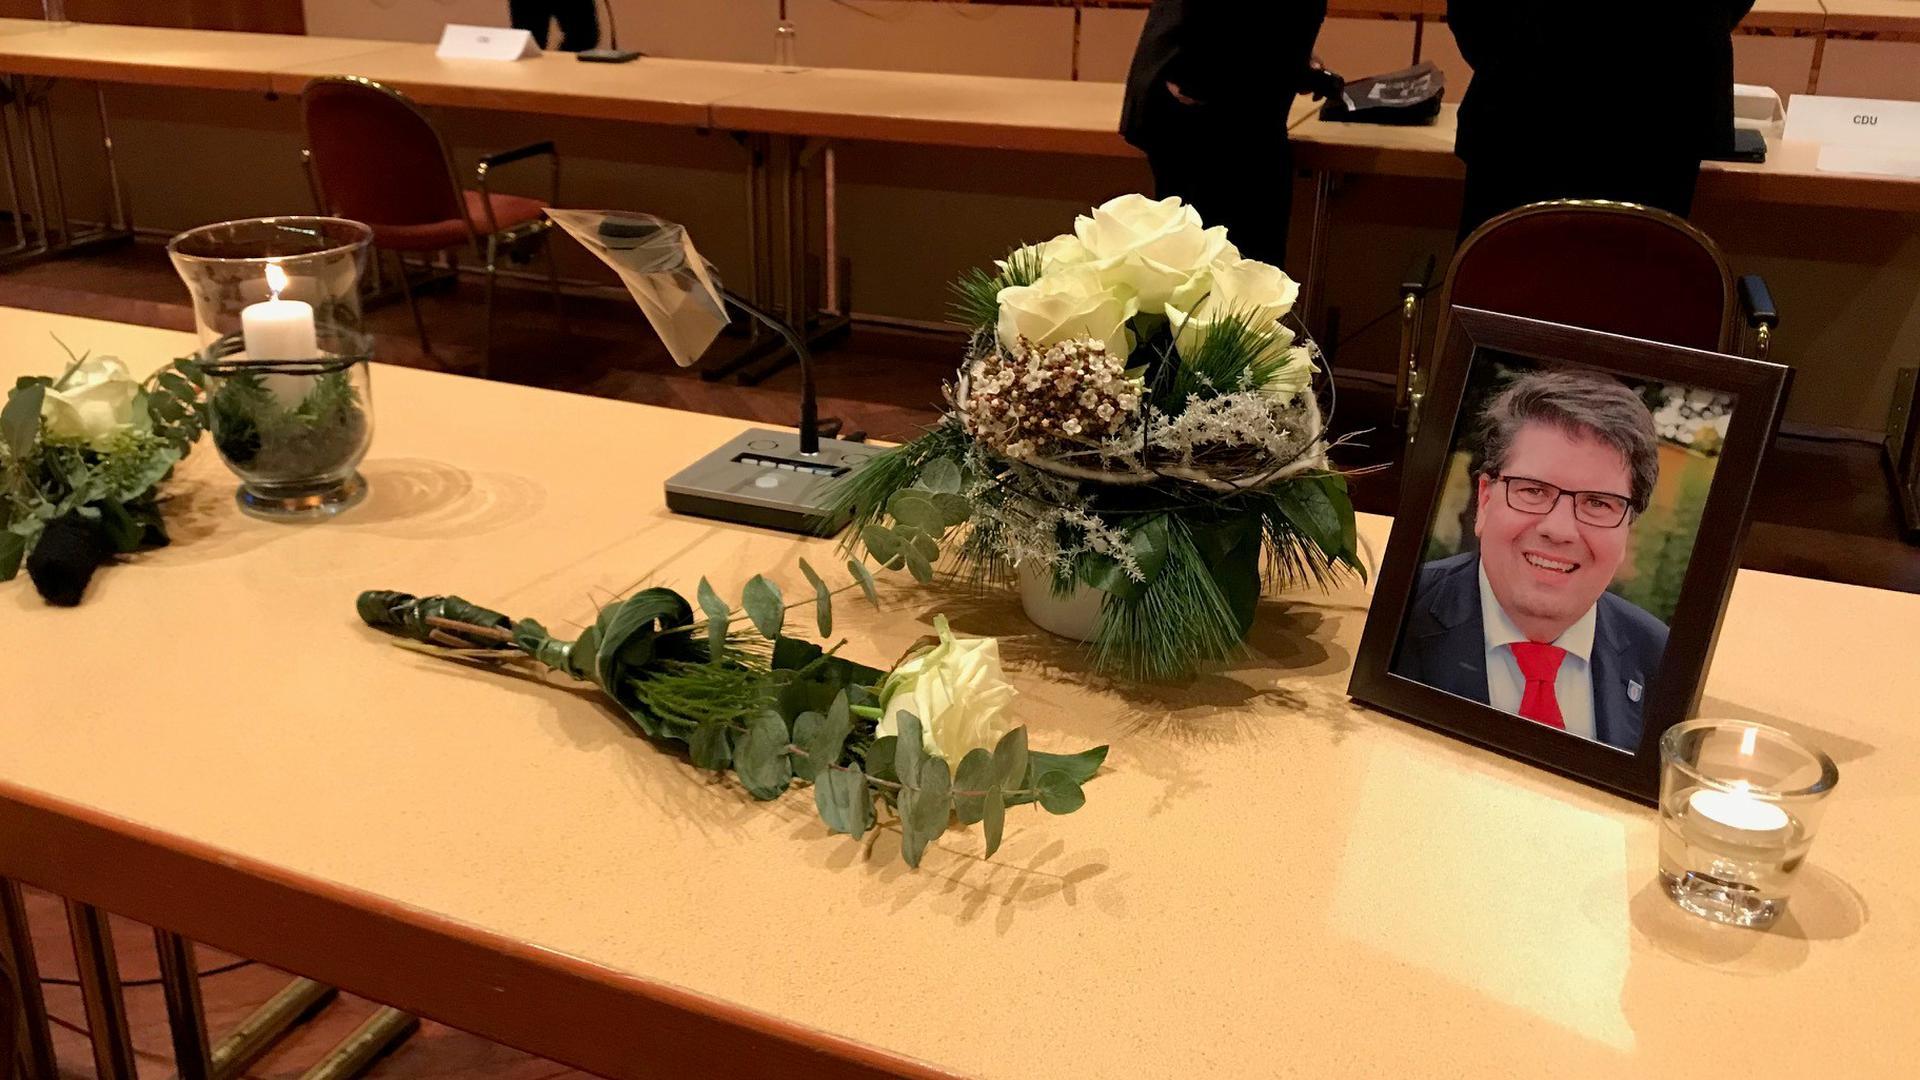 Sein Platz bleibt leer: Der Bruchsaler Gemeinderat trauert um Jens Skibbe. Bei der Sitzung am Dienstag zeigten sich viele in tiefer Trauer.